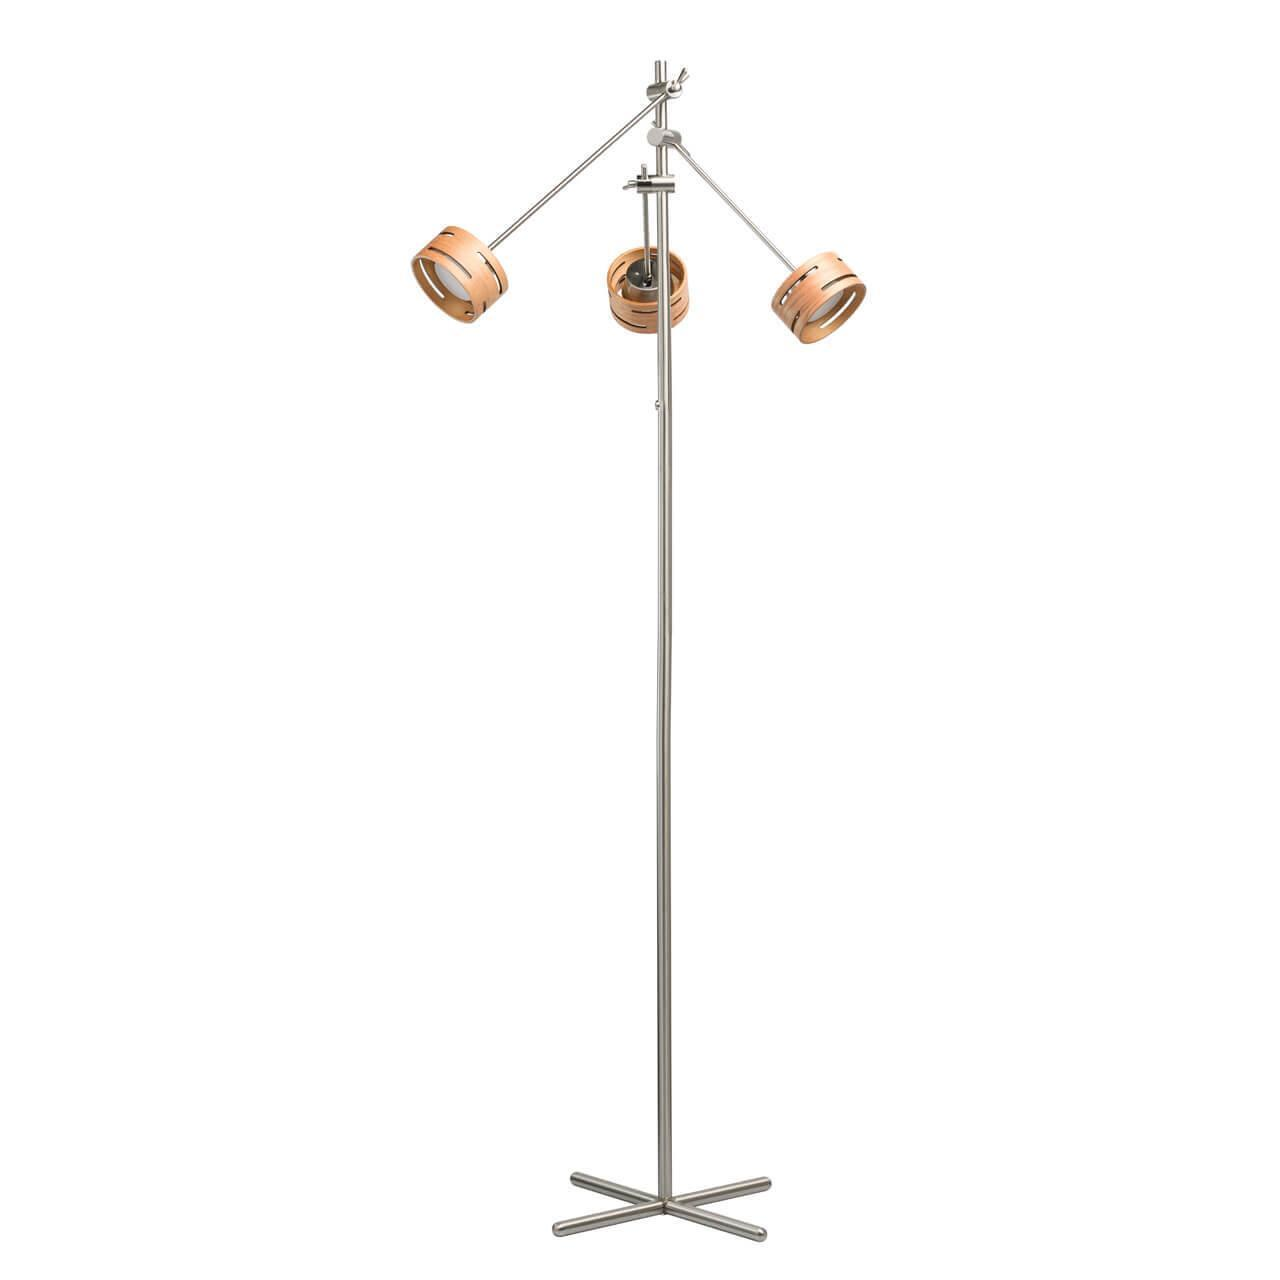 Напольный светильник De Markt 725040703, LED, 5 Вт